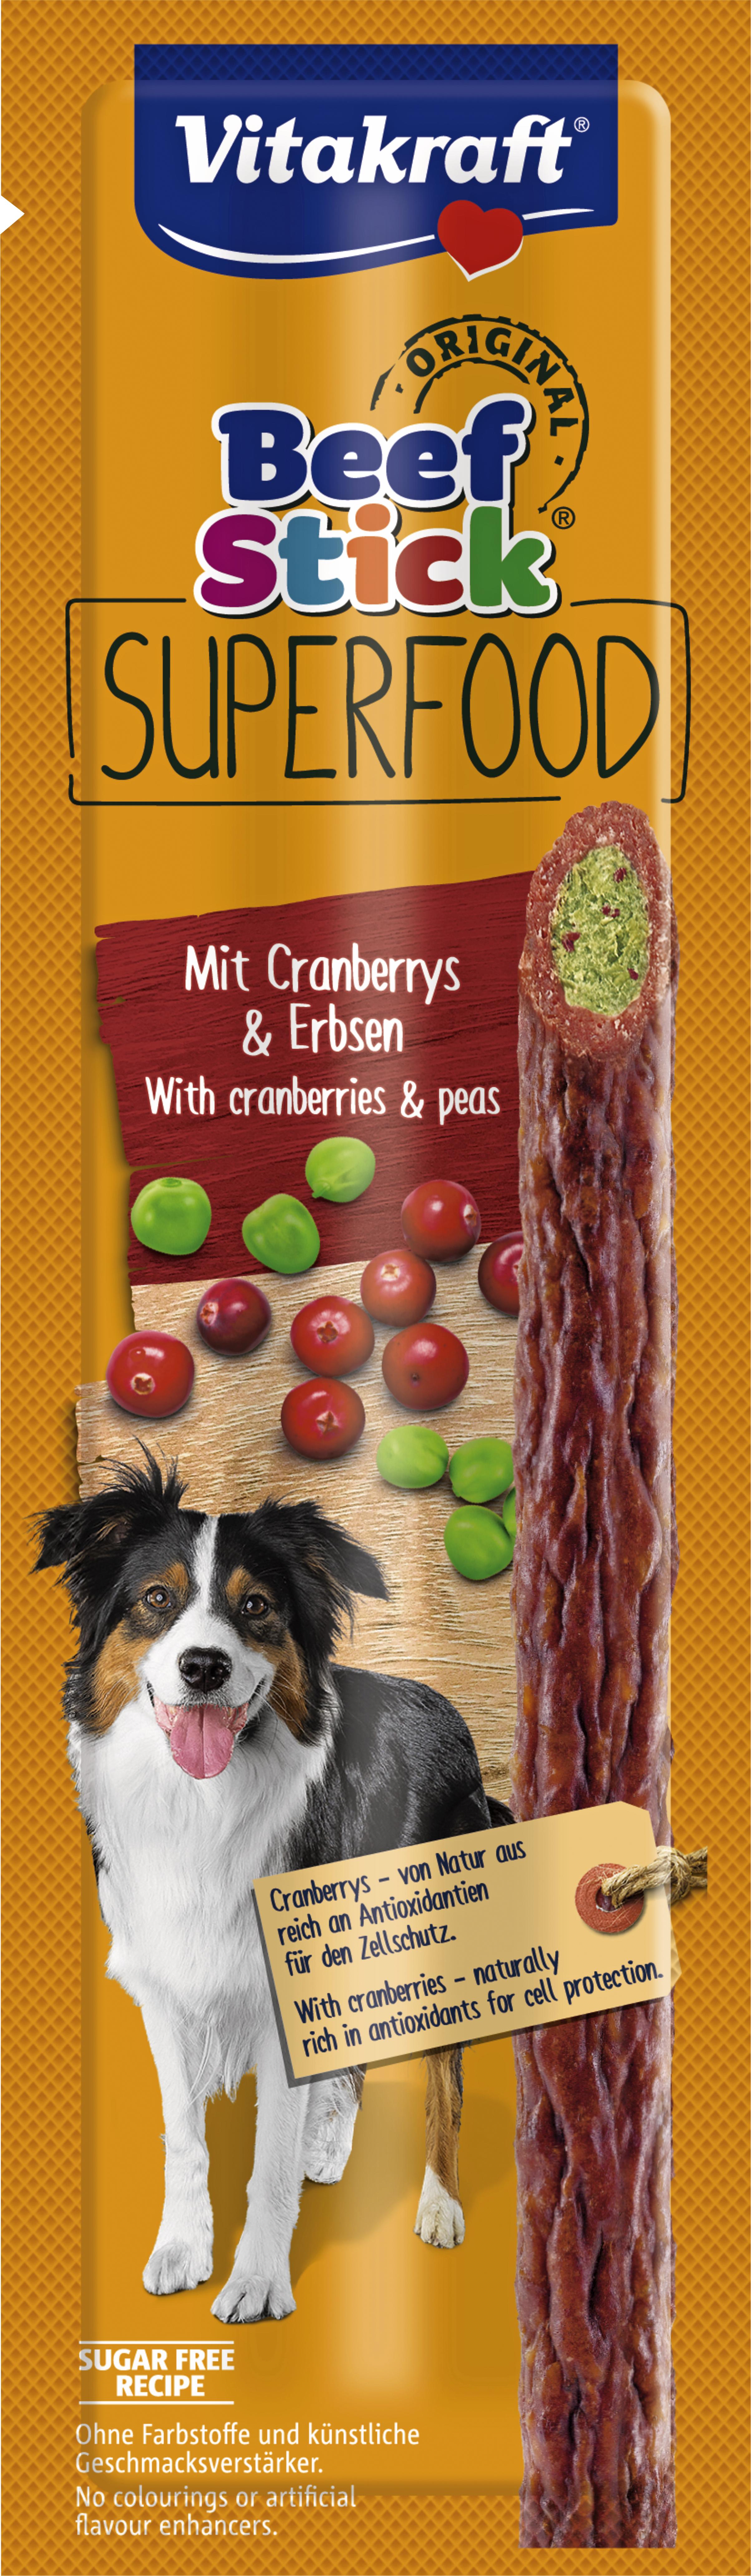 Hundgodis Vitakraft Beef Stick Superfood Tranbär och Ärtor